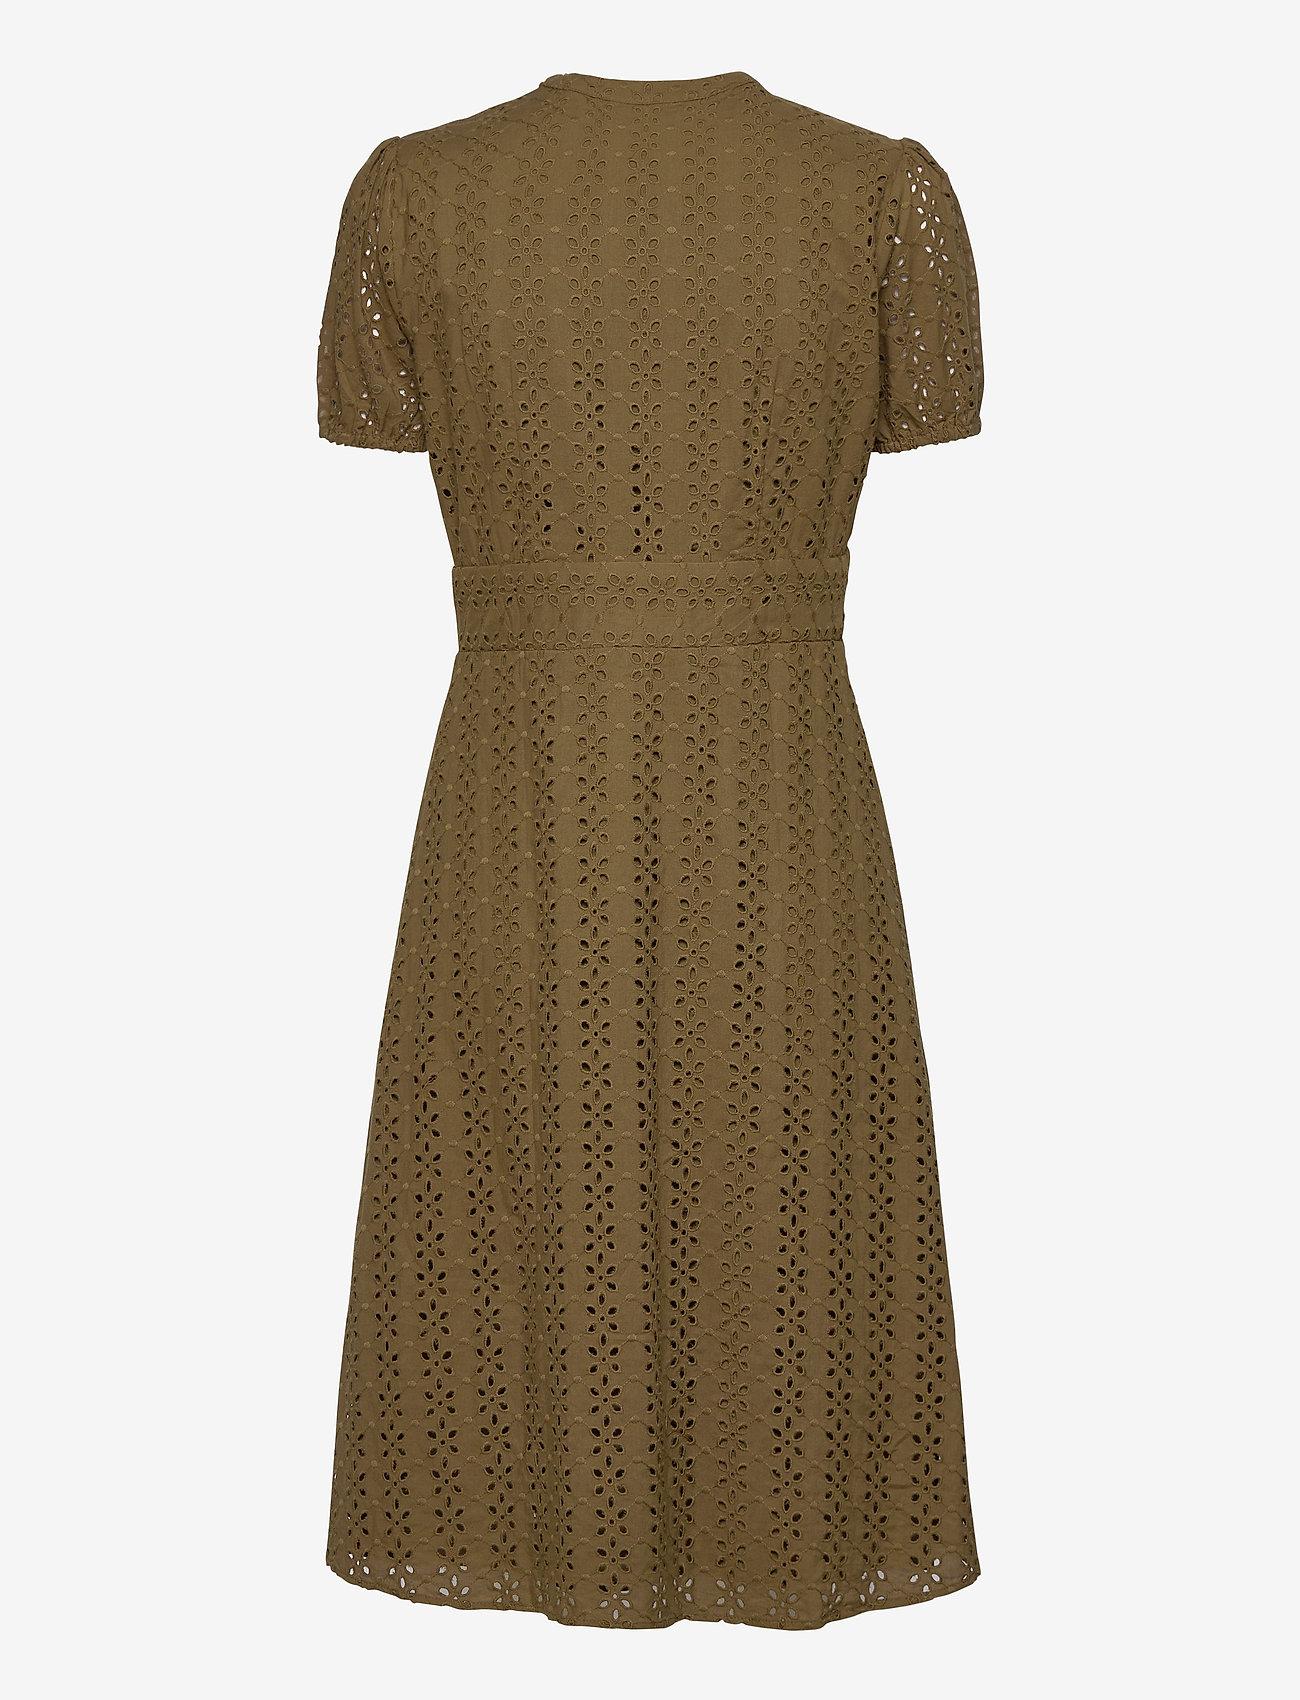 Vila - VICARLINE S/S MIDI DRESS - midi dresses - dark olive